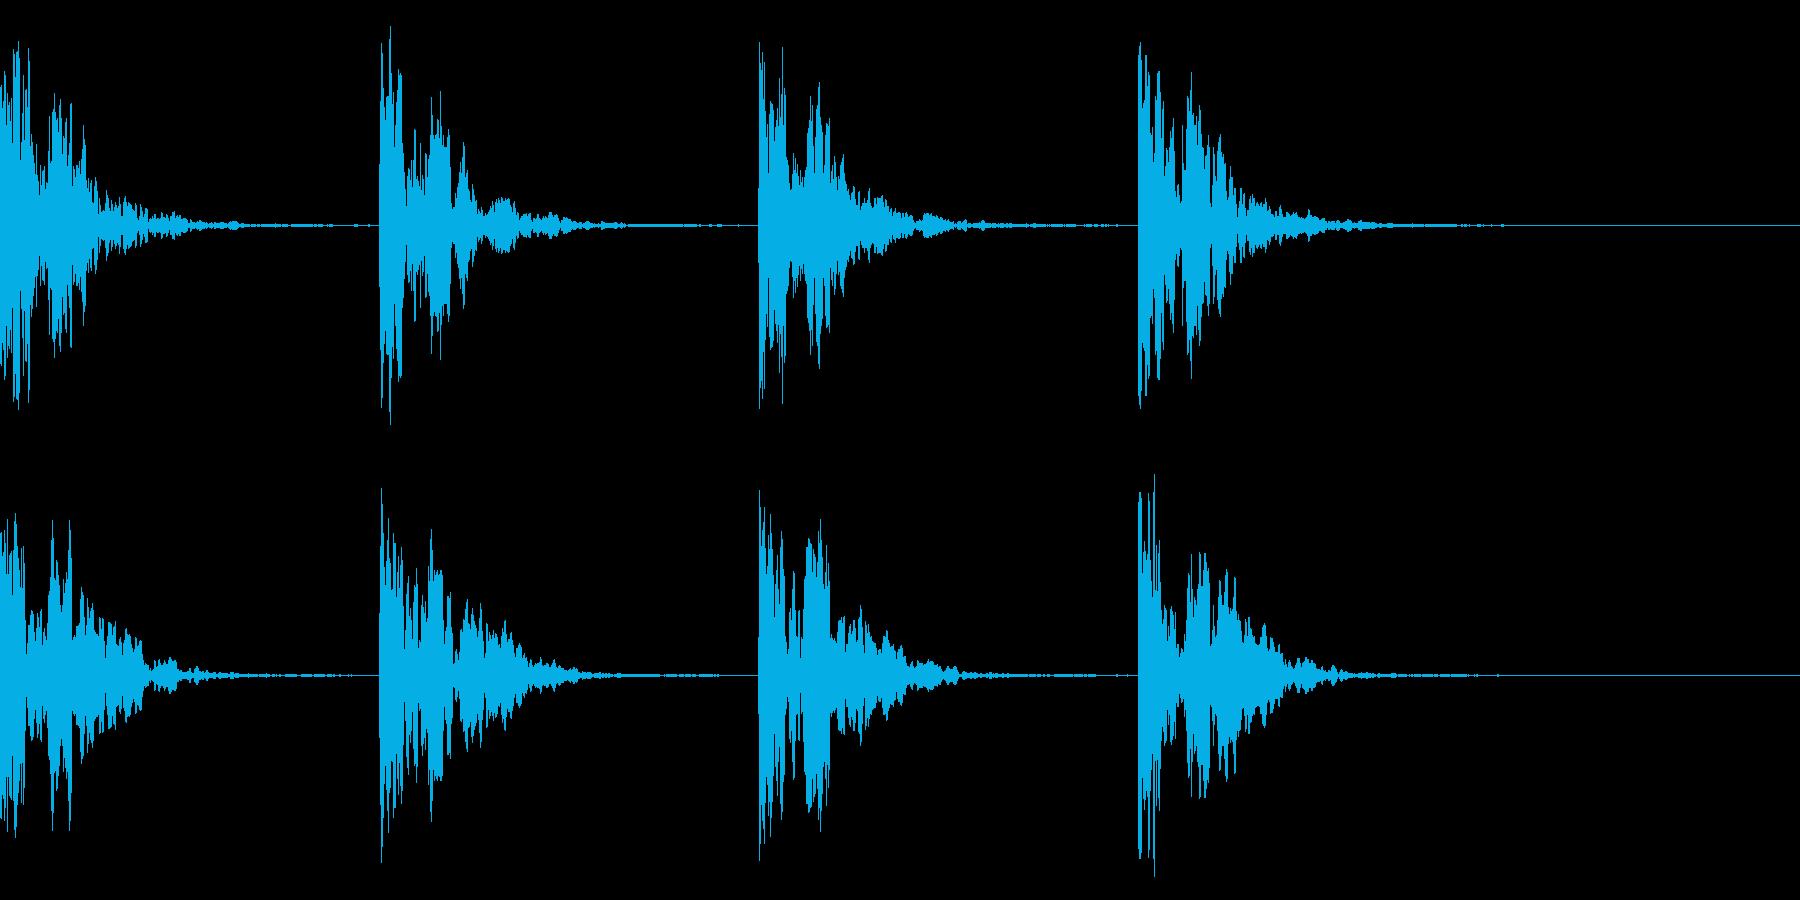 コーン・コーン・潜水艦のソナー音 エコーの再生済みの波形